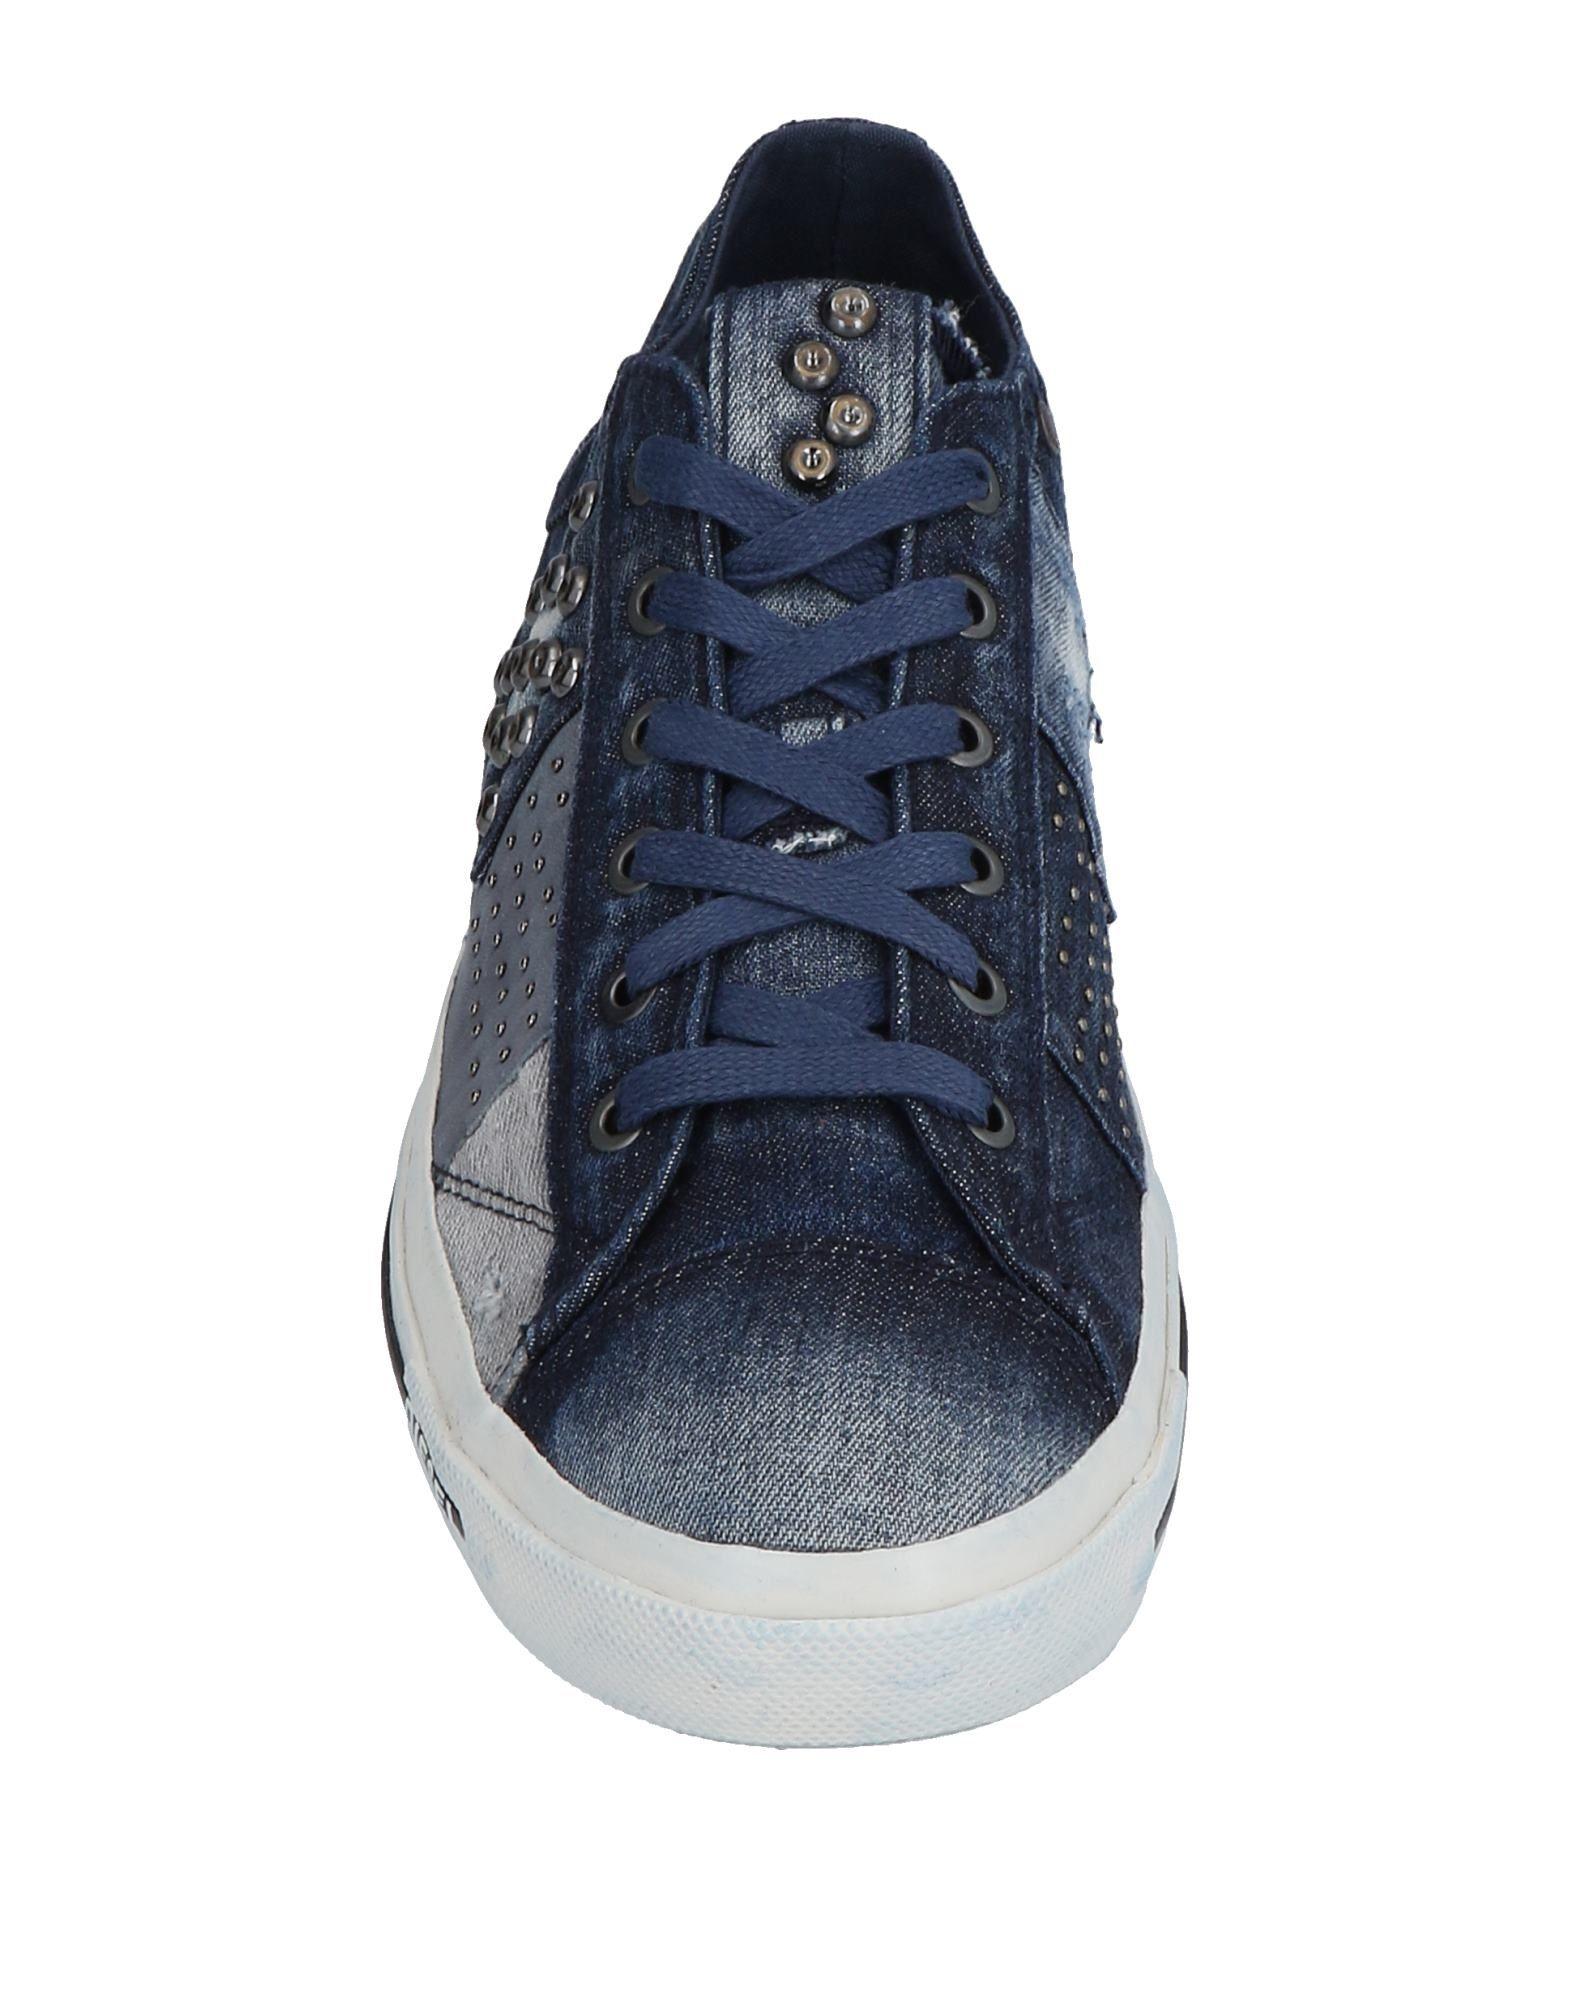 Rabatt Herren echte Schuhe Diesel Sneakers Herren Rabatt  11495494IM e61641